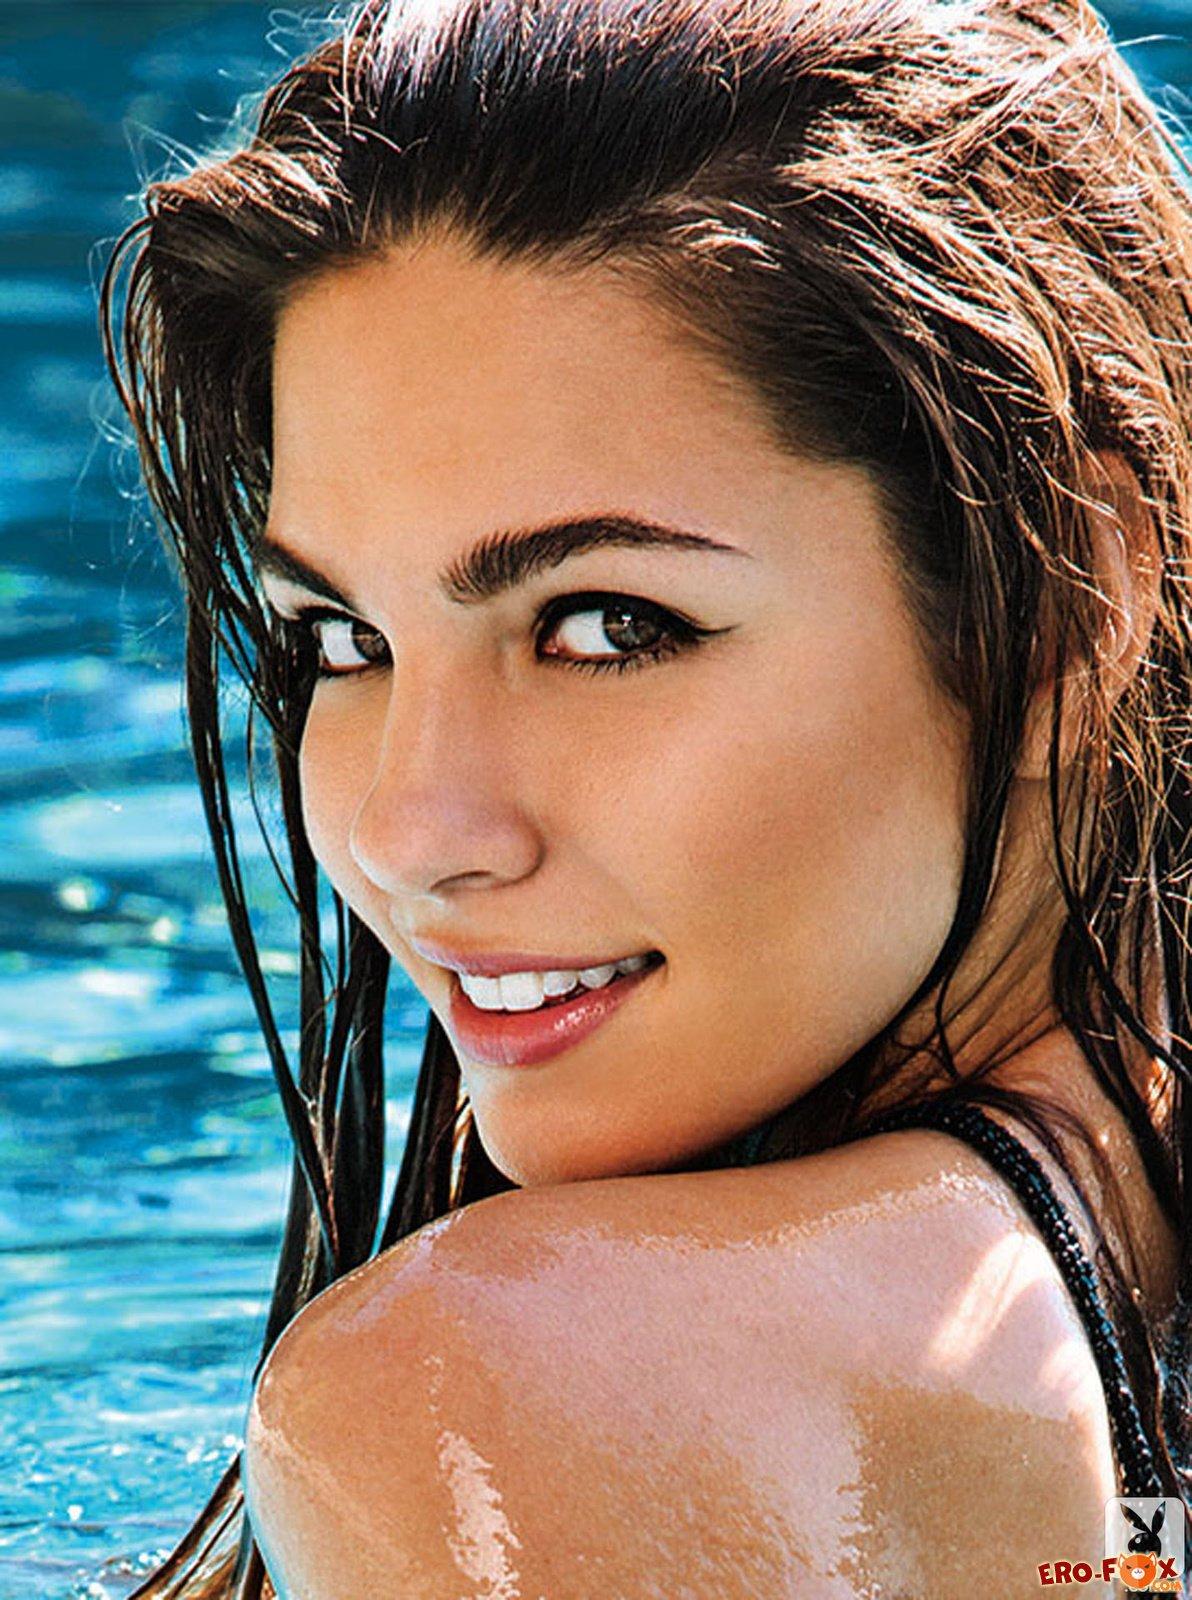 Сексуальная голая девушка в бассейне отеля